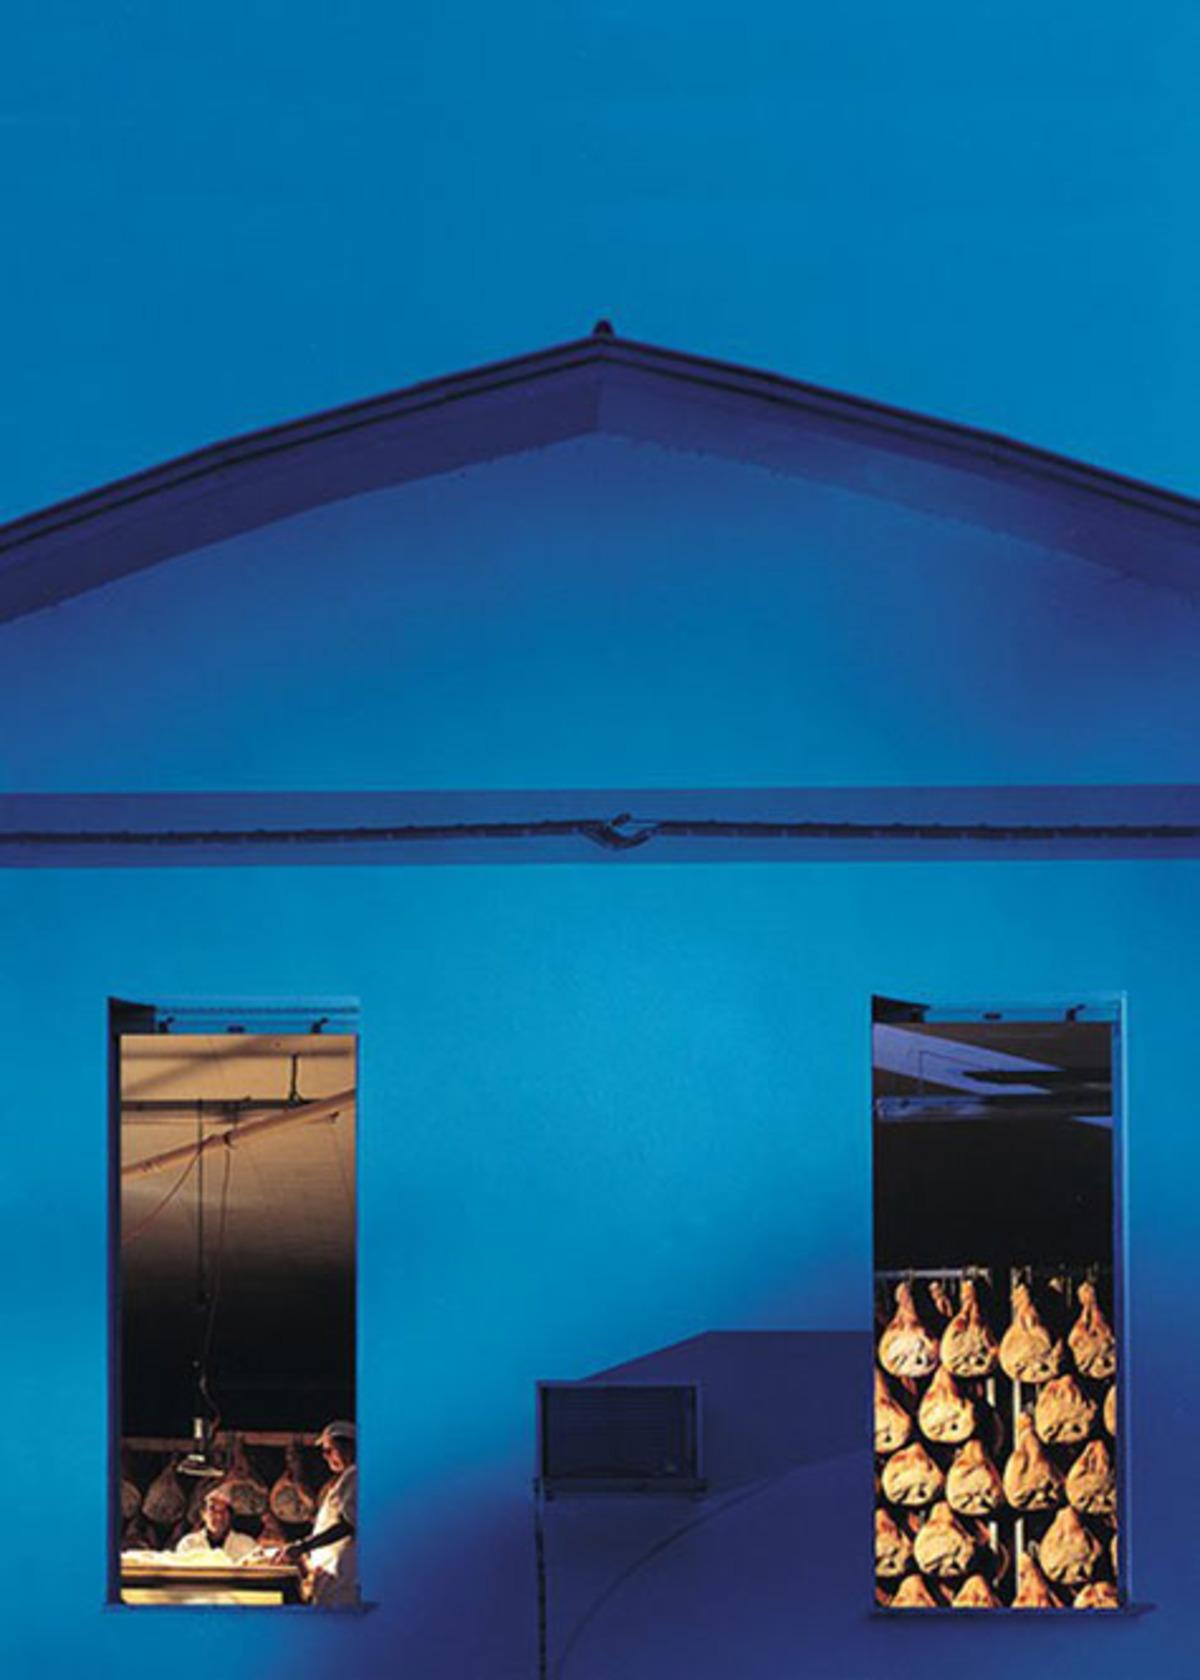 Luigi Bussolati, fotógrafo de arquitectura y luz